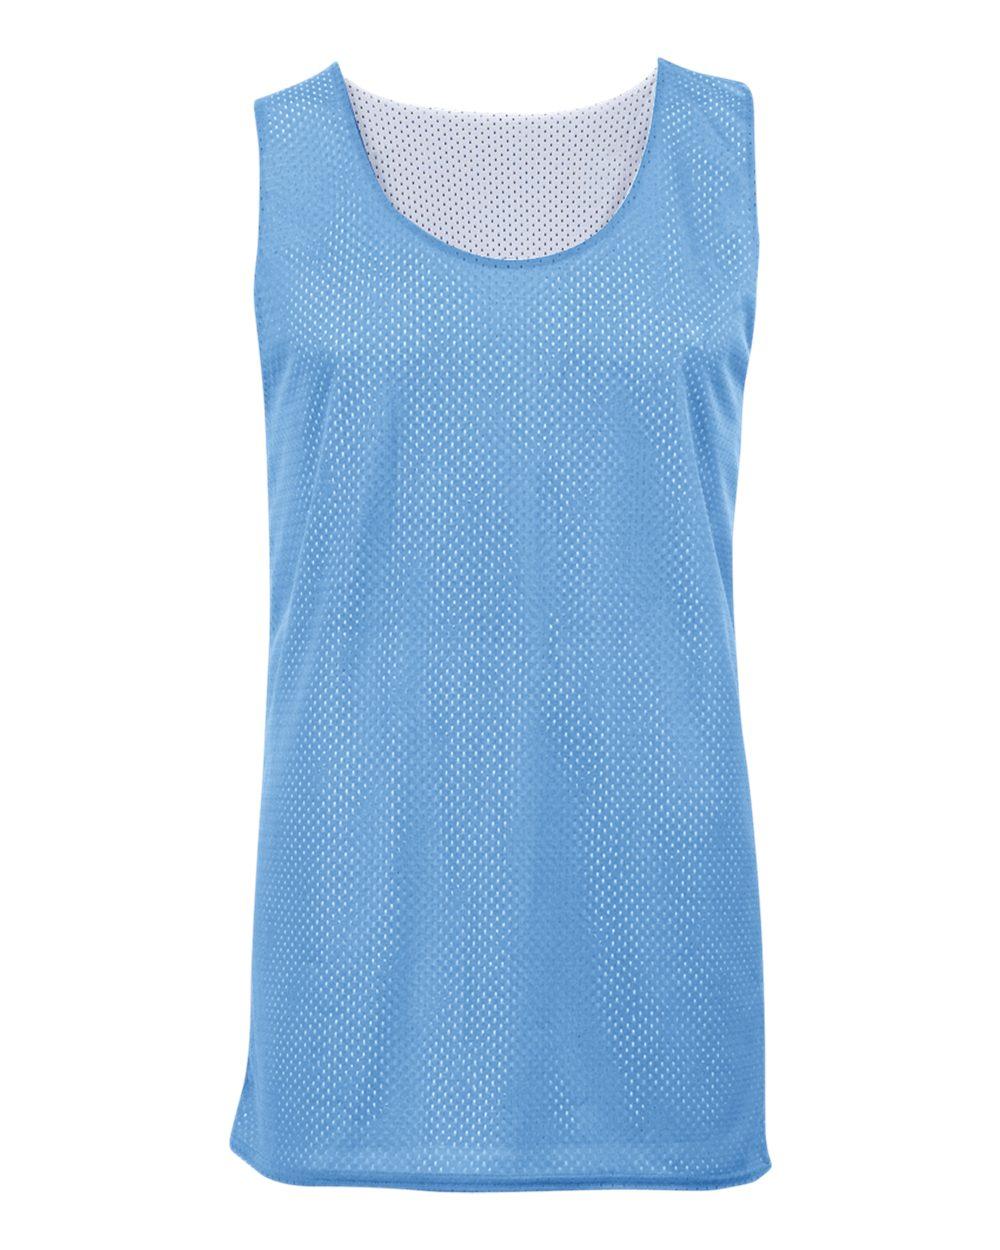 Columbia Blue-White